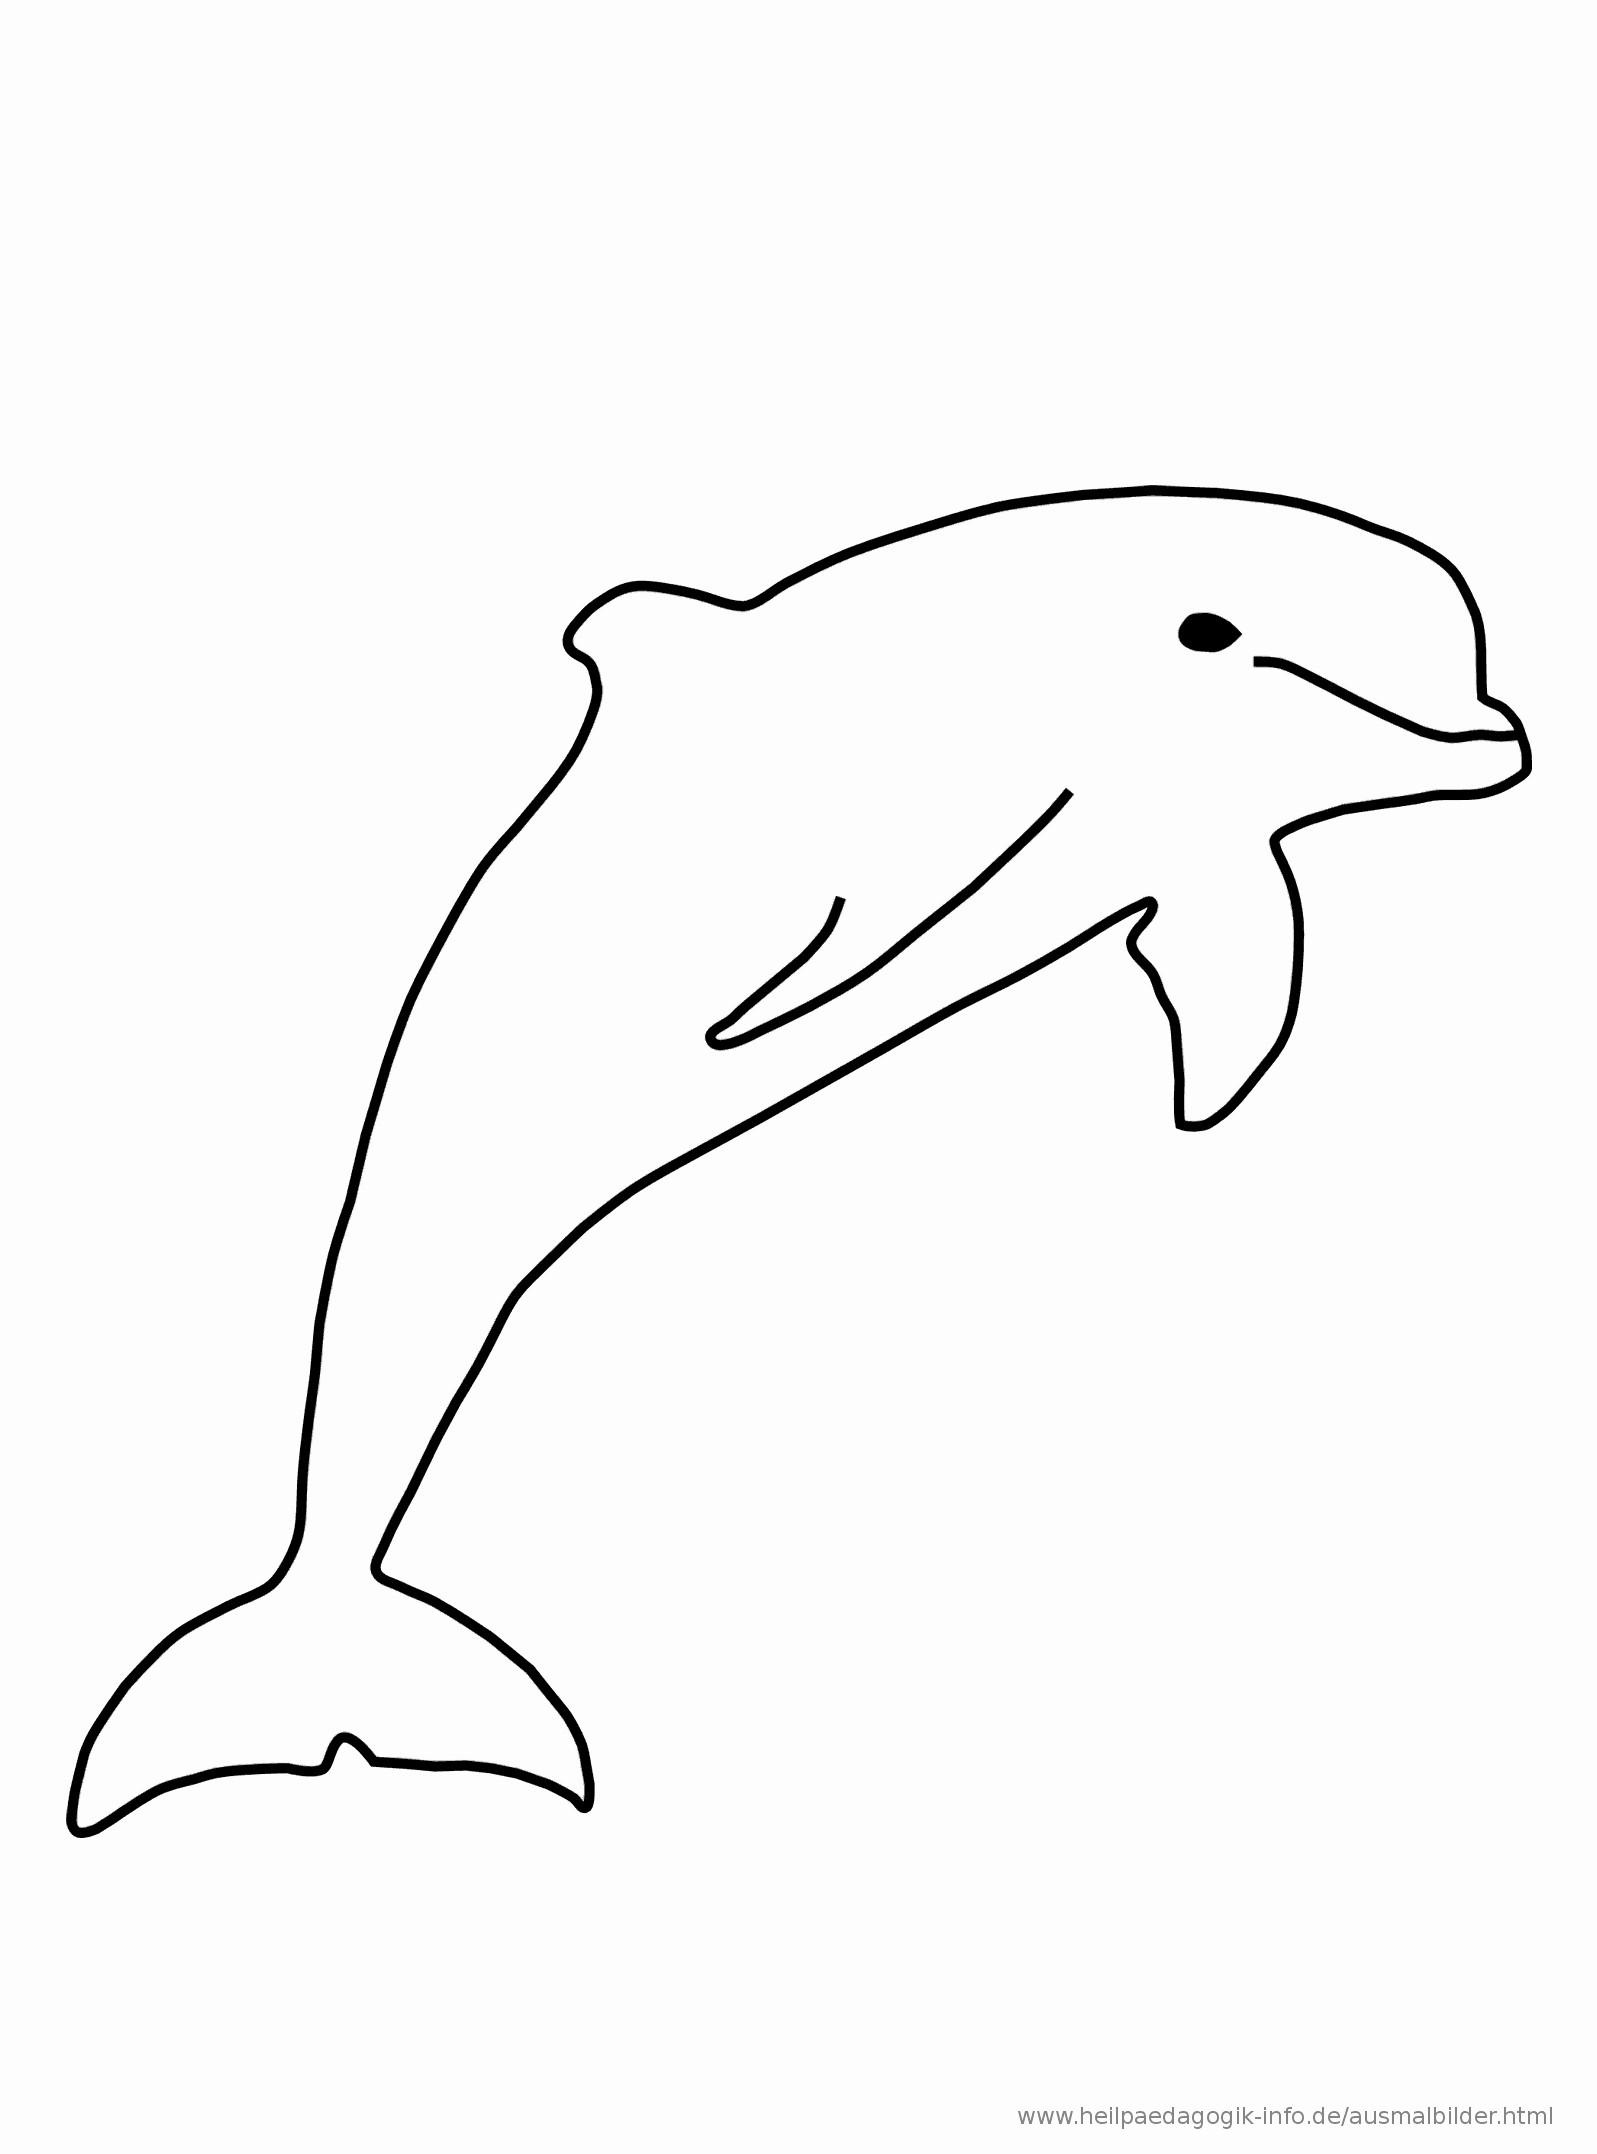 Ausmalbilder Delphine Zum Ausdrucken Frisch Delfin Bilder Zum Ausdrucken Inspirierend 38 Fantastisch Fotografie Galerie